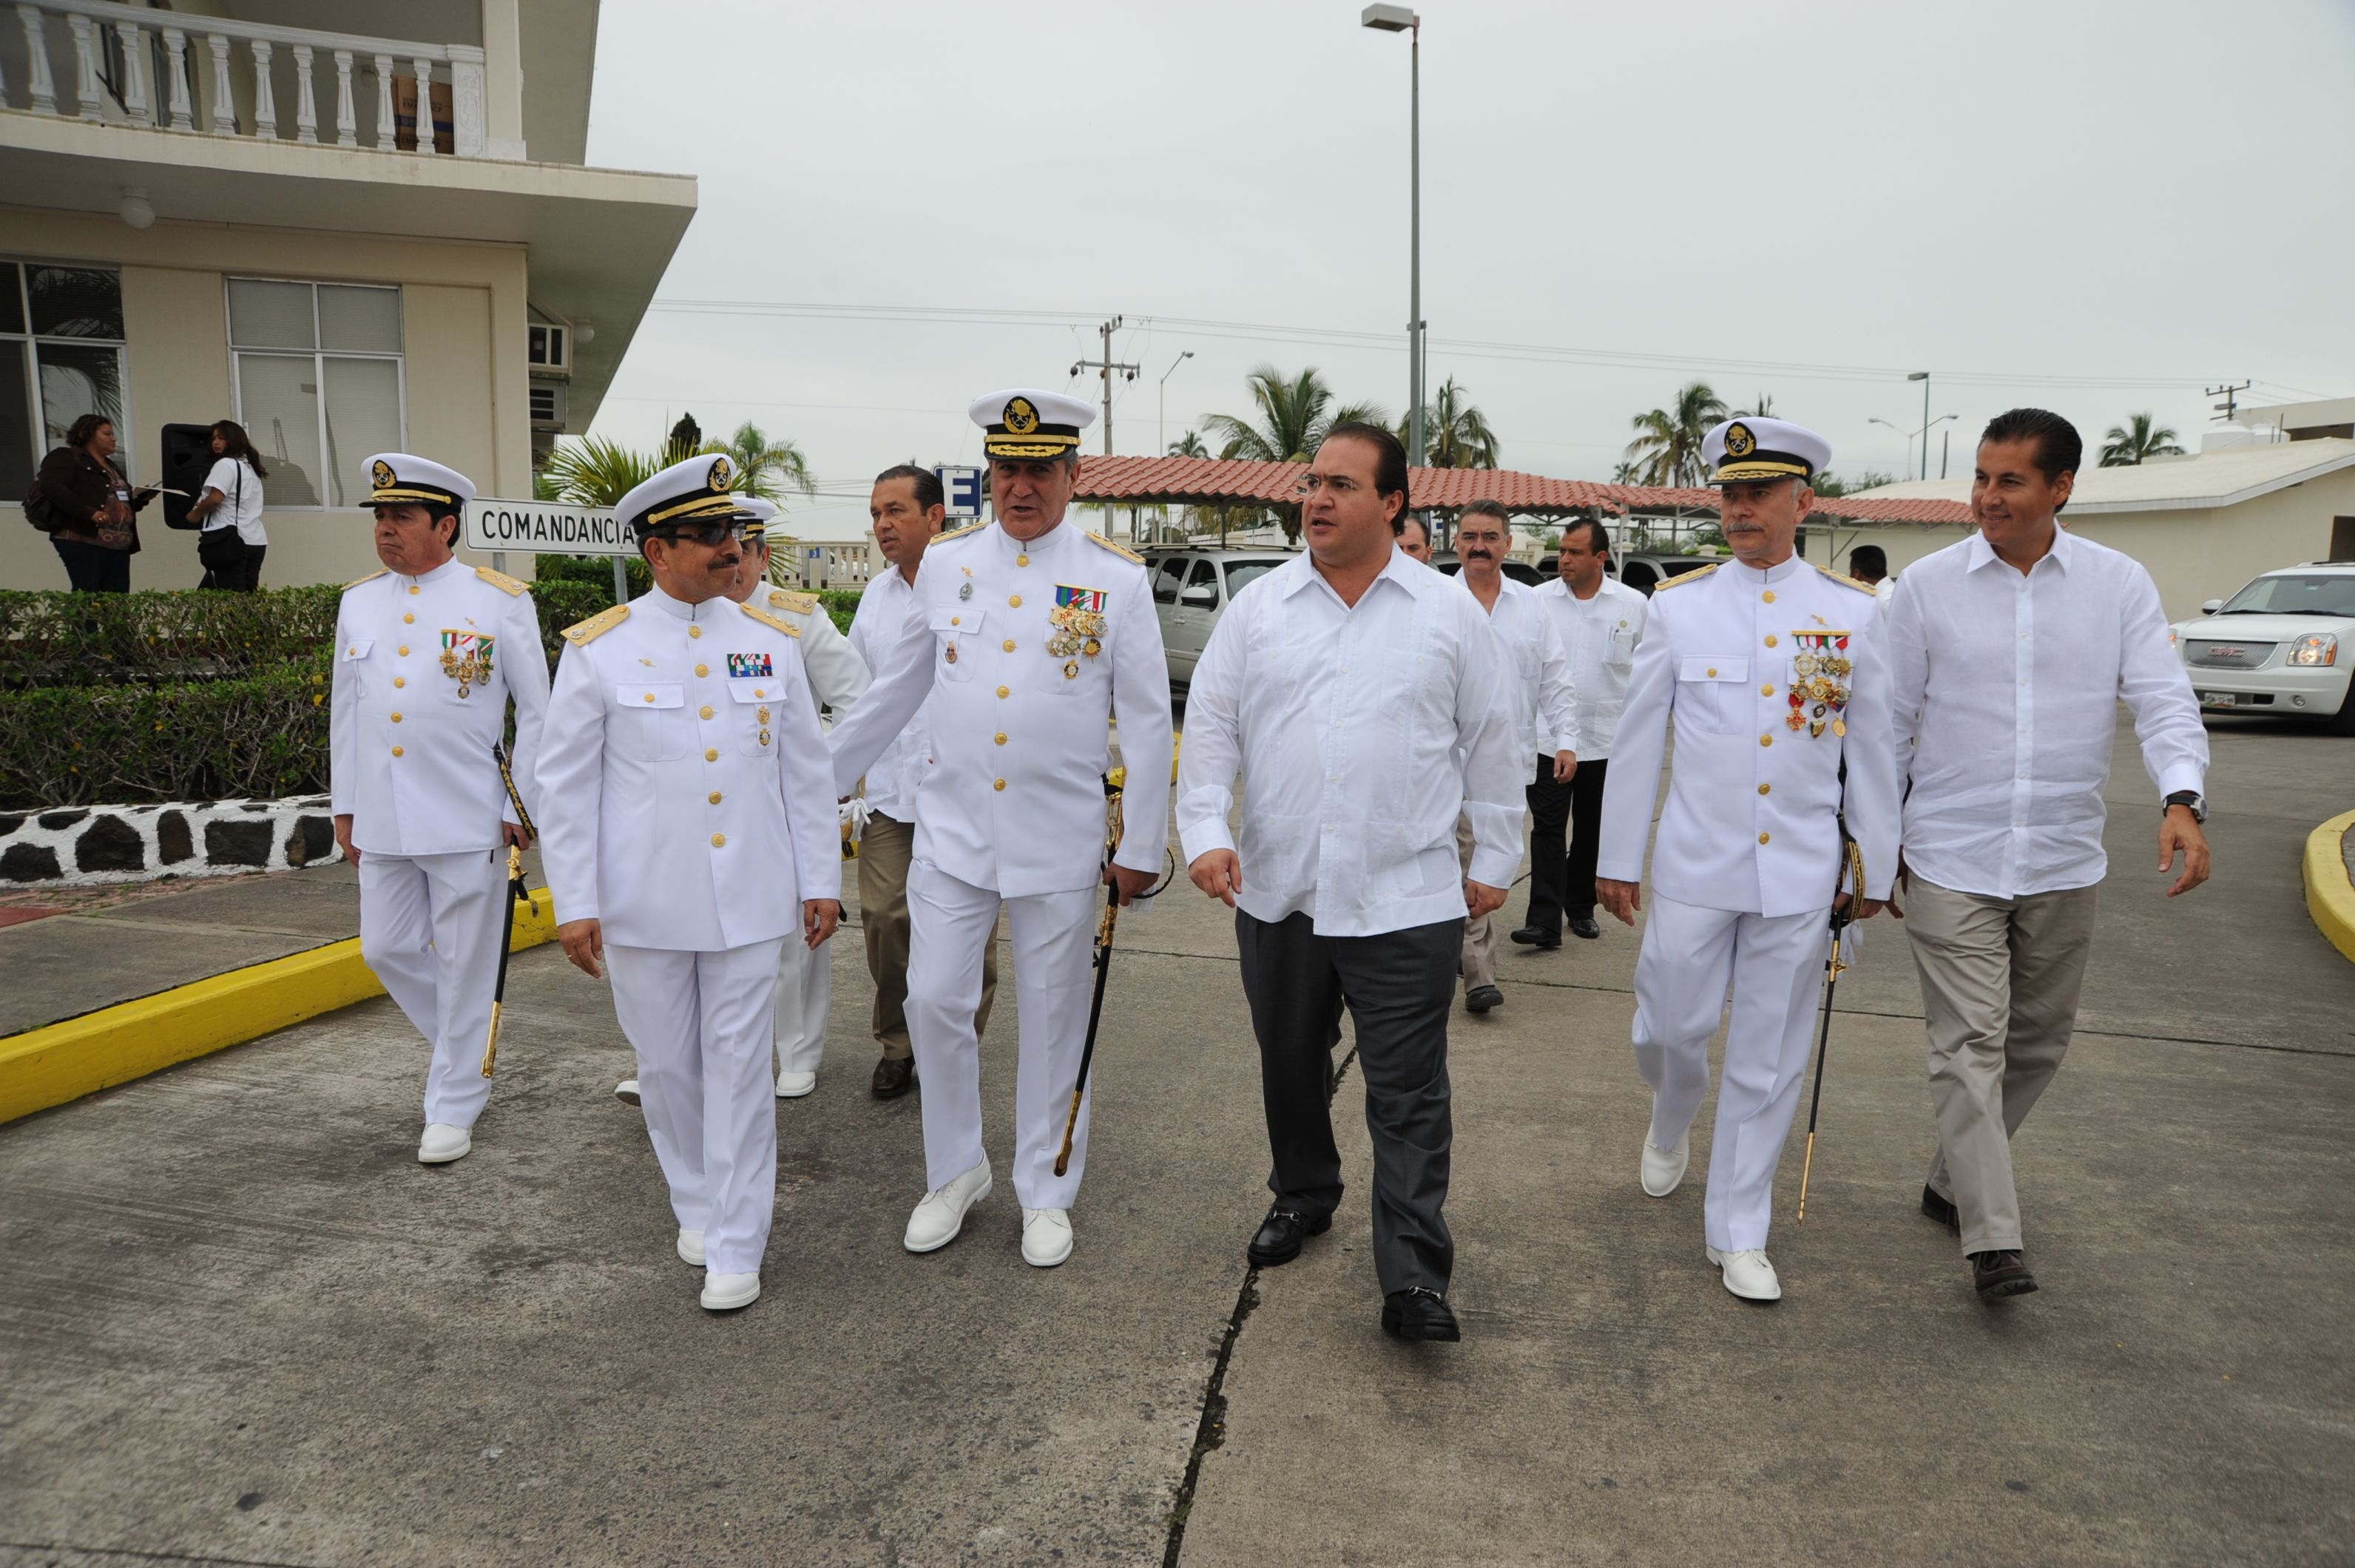 El mandatario Duarte de Ochoa acompañado de autoridades de la fuerza naval durante el recorrido de llegada a la Ceremonia de Entrega de Mando de Armas de la Fuerza Naval del Golfo y Primera Región Naval